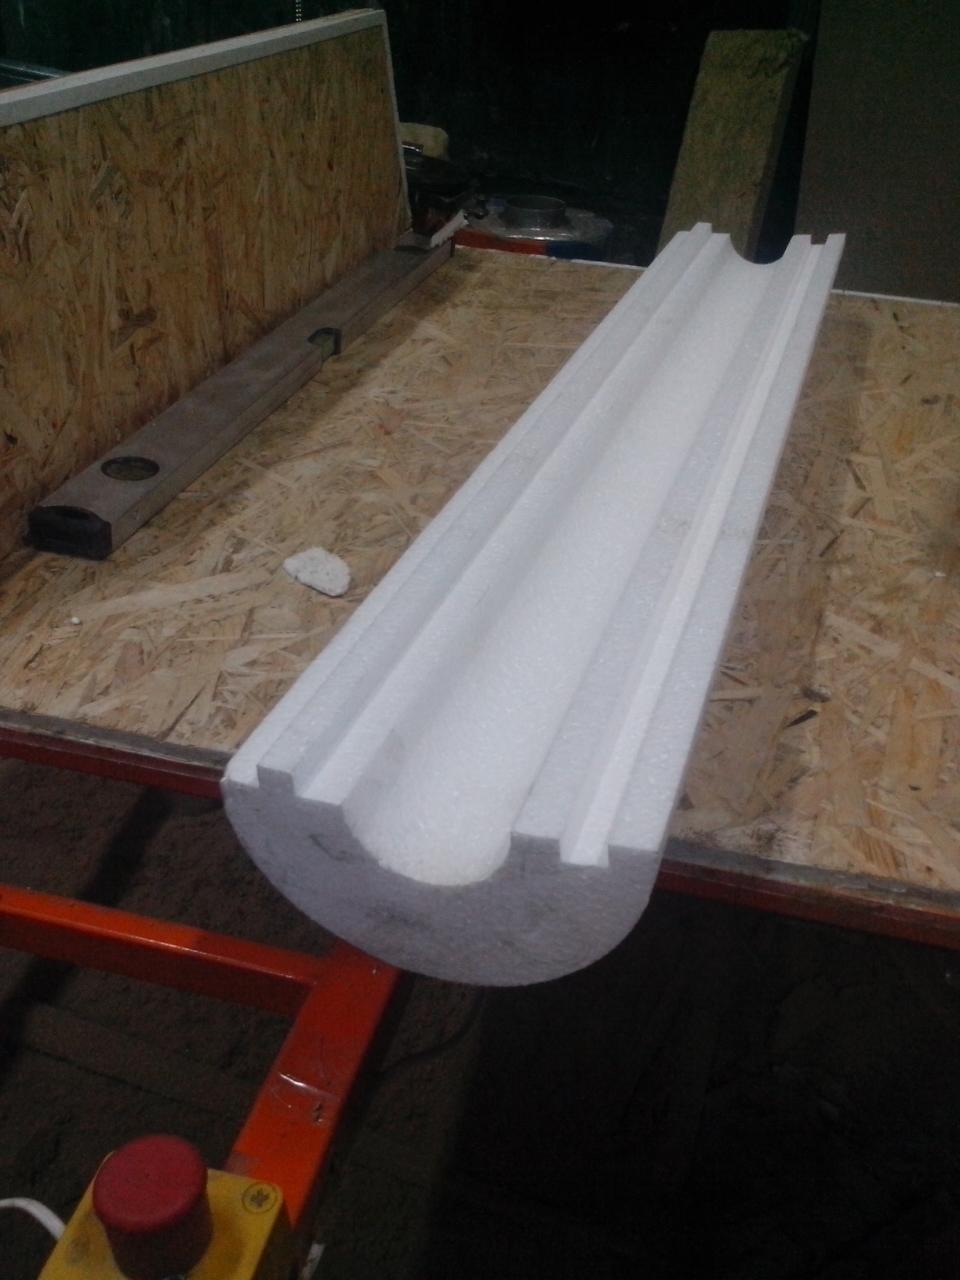 Утеплитель из пенопласта (пенополистирола) для труб Ø 18 мм толщиной 90 мм